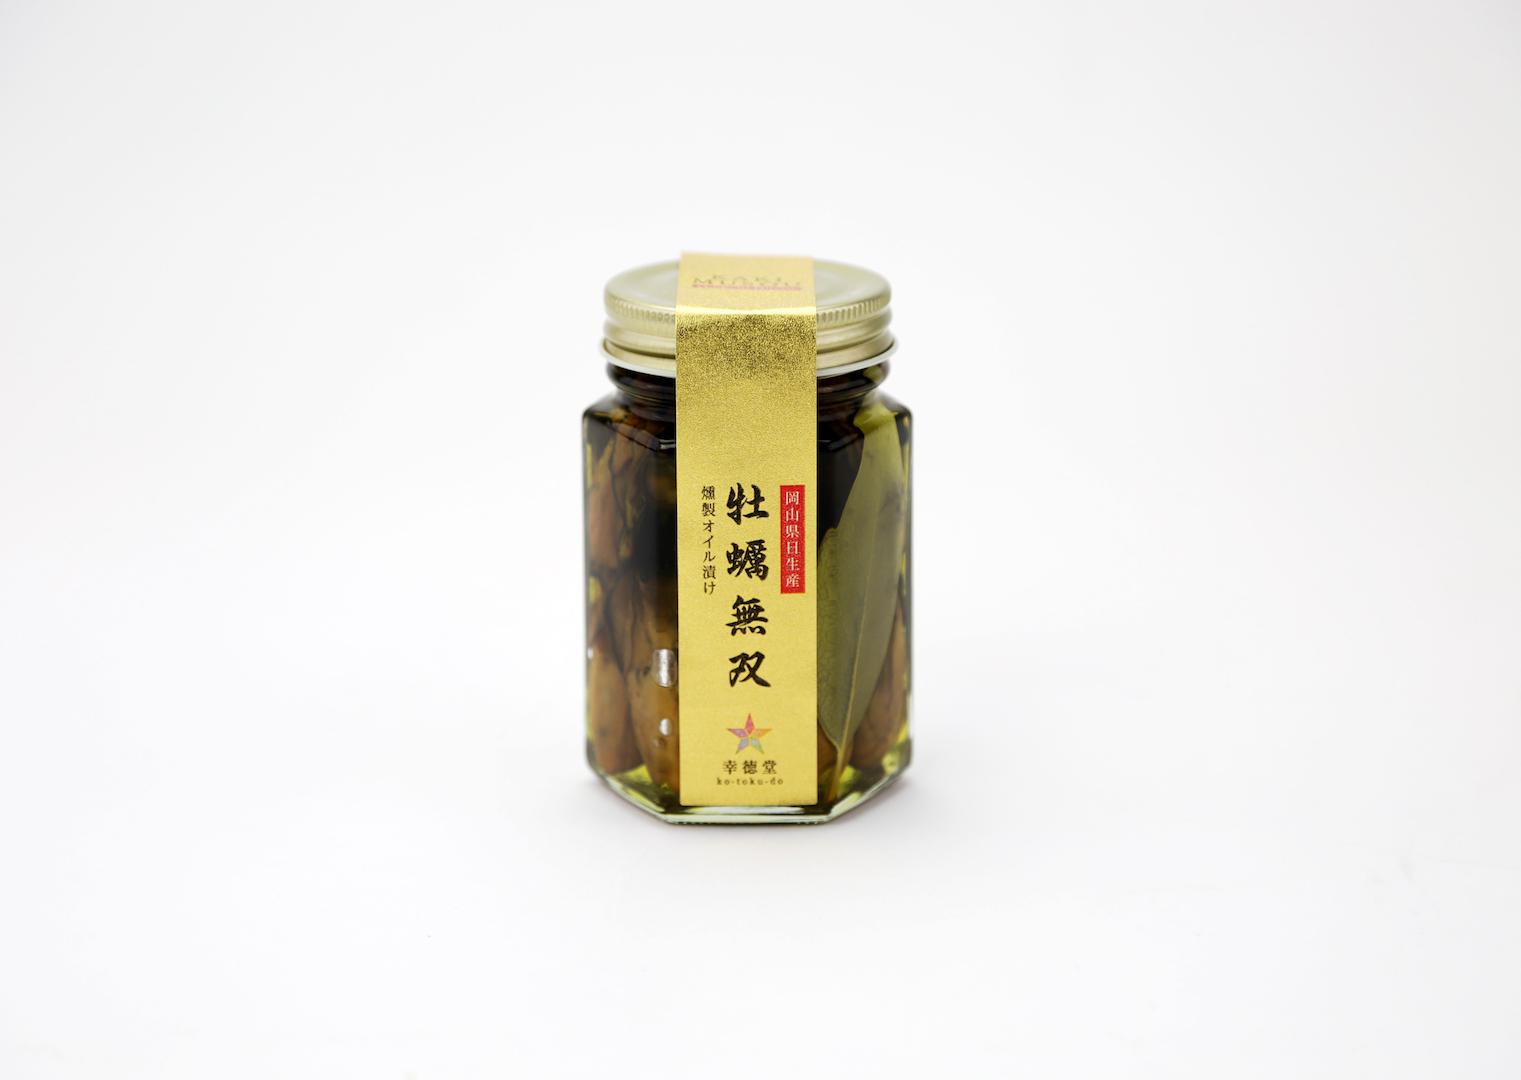 牡蠣無双 金ラベル 日生牡蠣の燻製オイル漬け